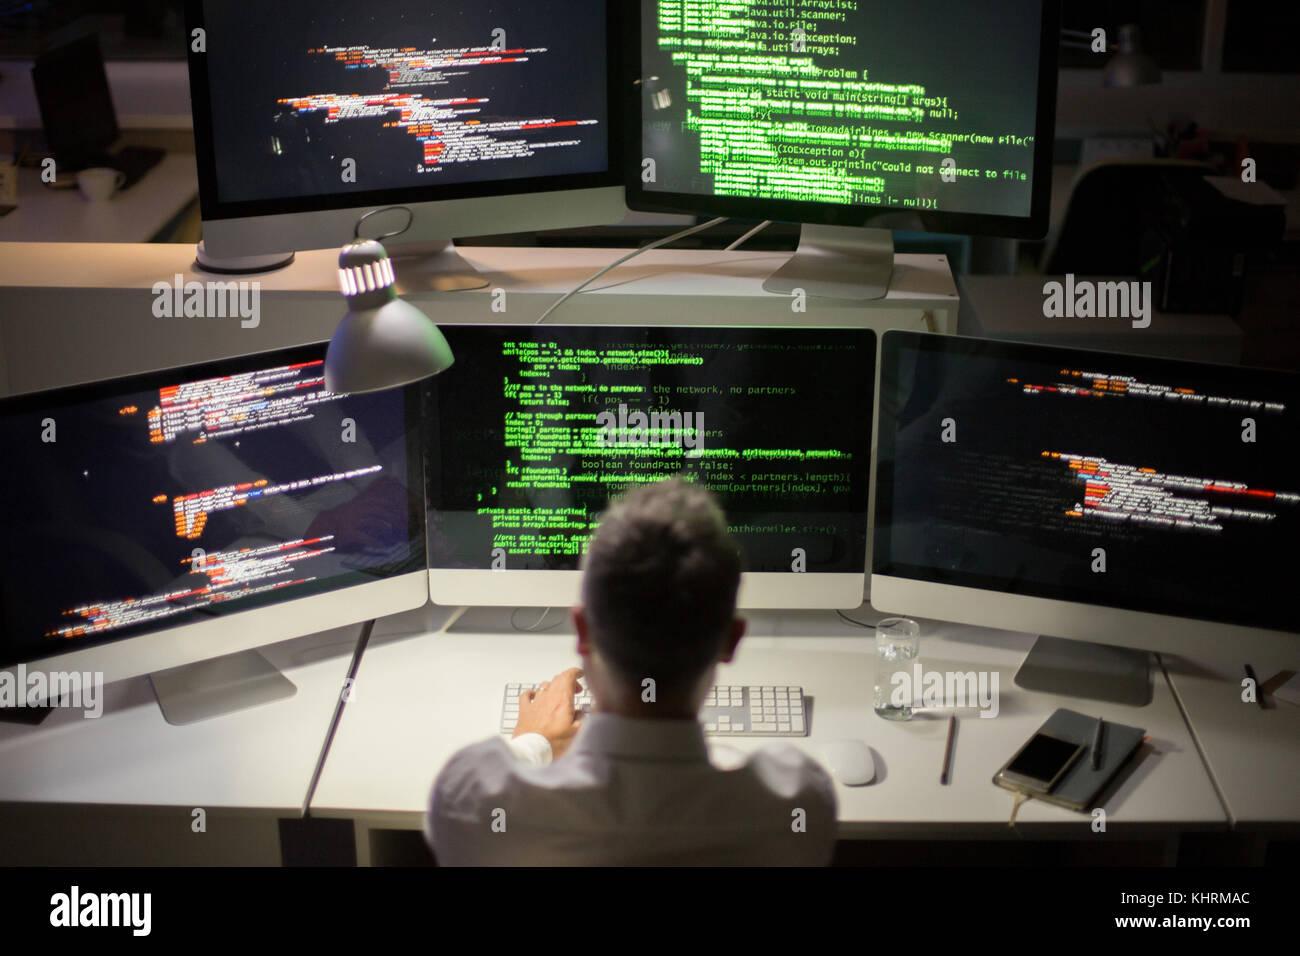 https://c8.alamy.com/compde/khrmac/nicht-erkennbare-grauhaarige-software-entwickler-schreiben-code-wahrend-sitzen-vor-der-modernen-computer-interieur-der-dim-buro-im-hintergrund-khrmac.jpg